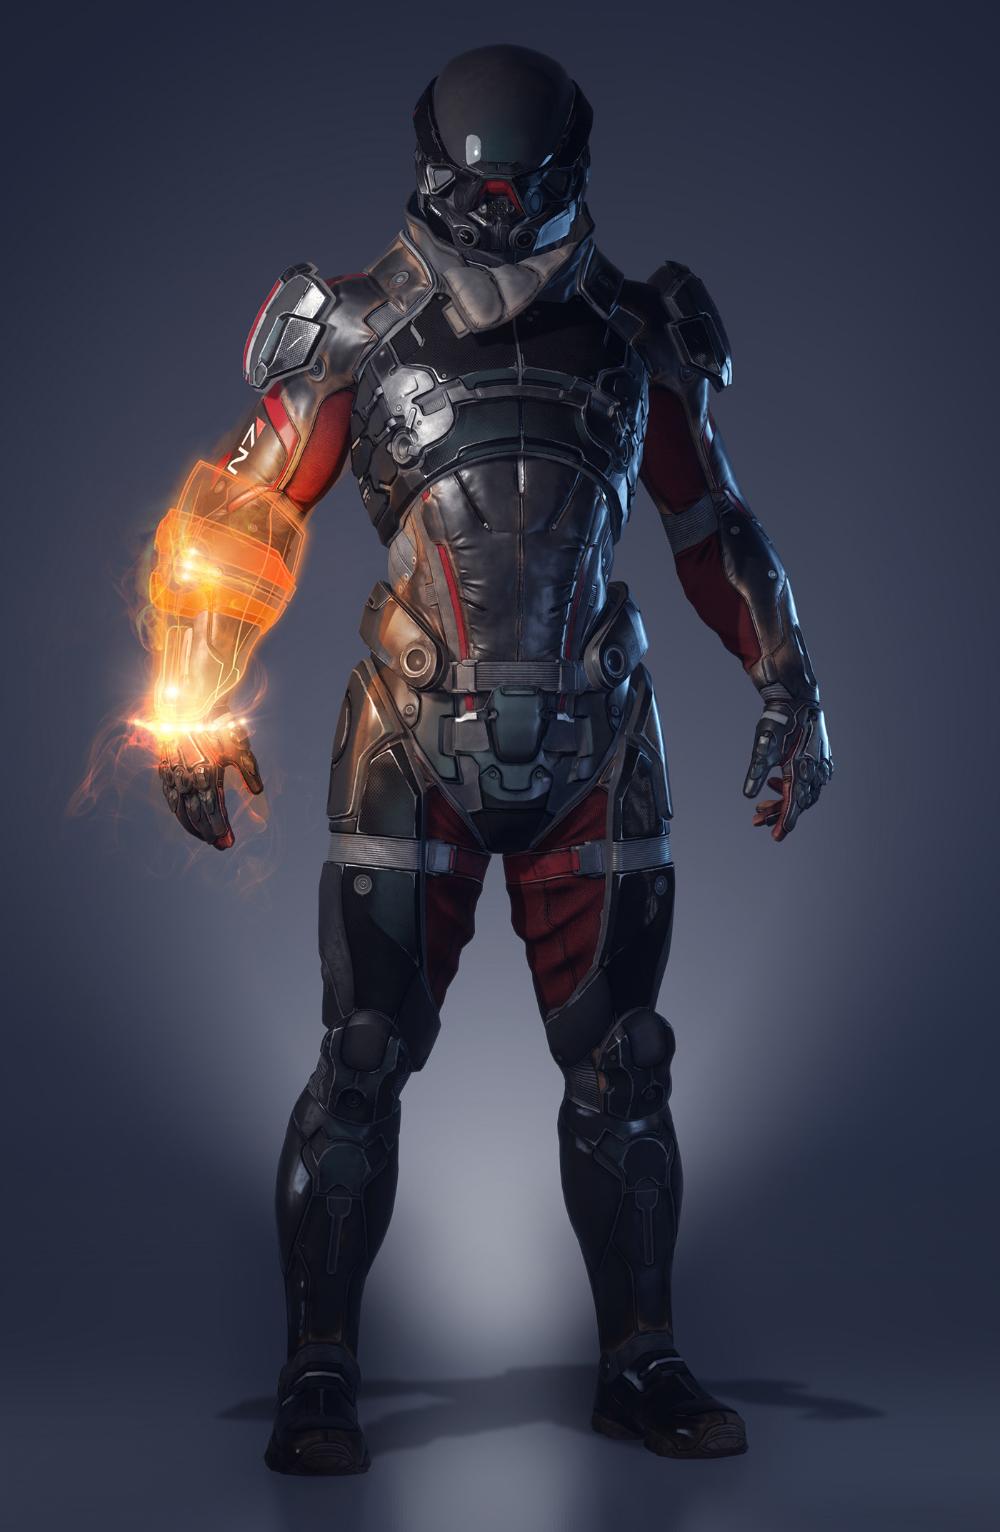 Mass Effect Andromeda User Interface Design On Behance Futuristic Armour Mass Effect Mass Effect Art